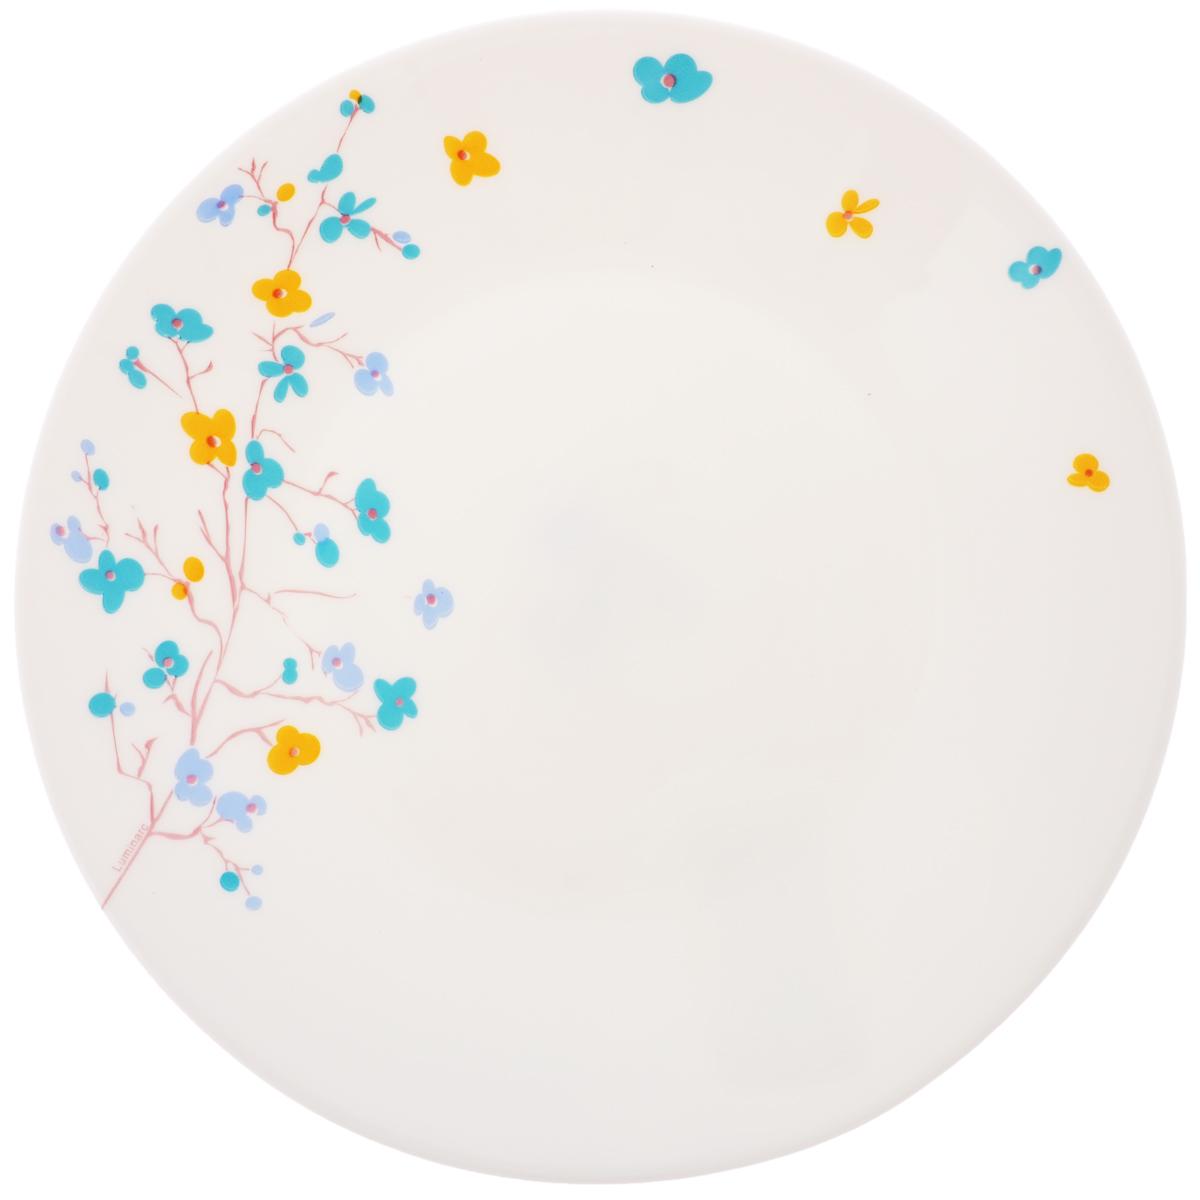 Тарелка десертная Luminarc Zen Essence, диаметр 19,5 см115510Десертная тарелка Luminarc Zen Essence, изготовленная из ударопрочного стекла, имеет изысканный внешний вид. Такая тарелка прекрасно подходит как для торжественных случаев, так и для повседневного использования. Идеальна для подачи десертов, пирожных, тортов и многого другого. Она прекрасно оформит стол и станет отличным дополнением к вашей коллекции кухонной посуды. Диаметр тарелки (по верхнему краю): 19,5 см.